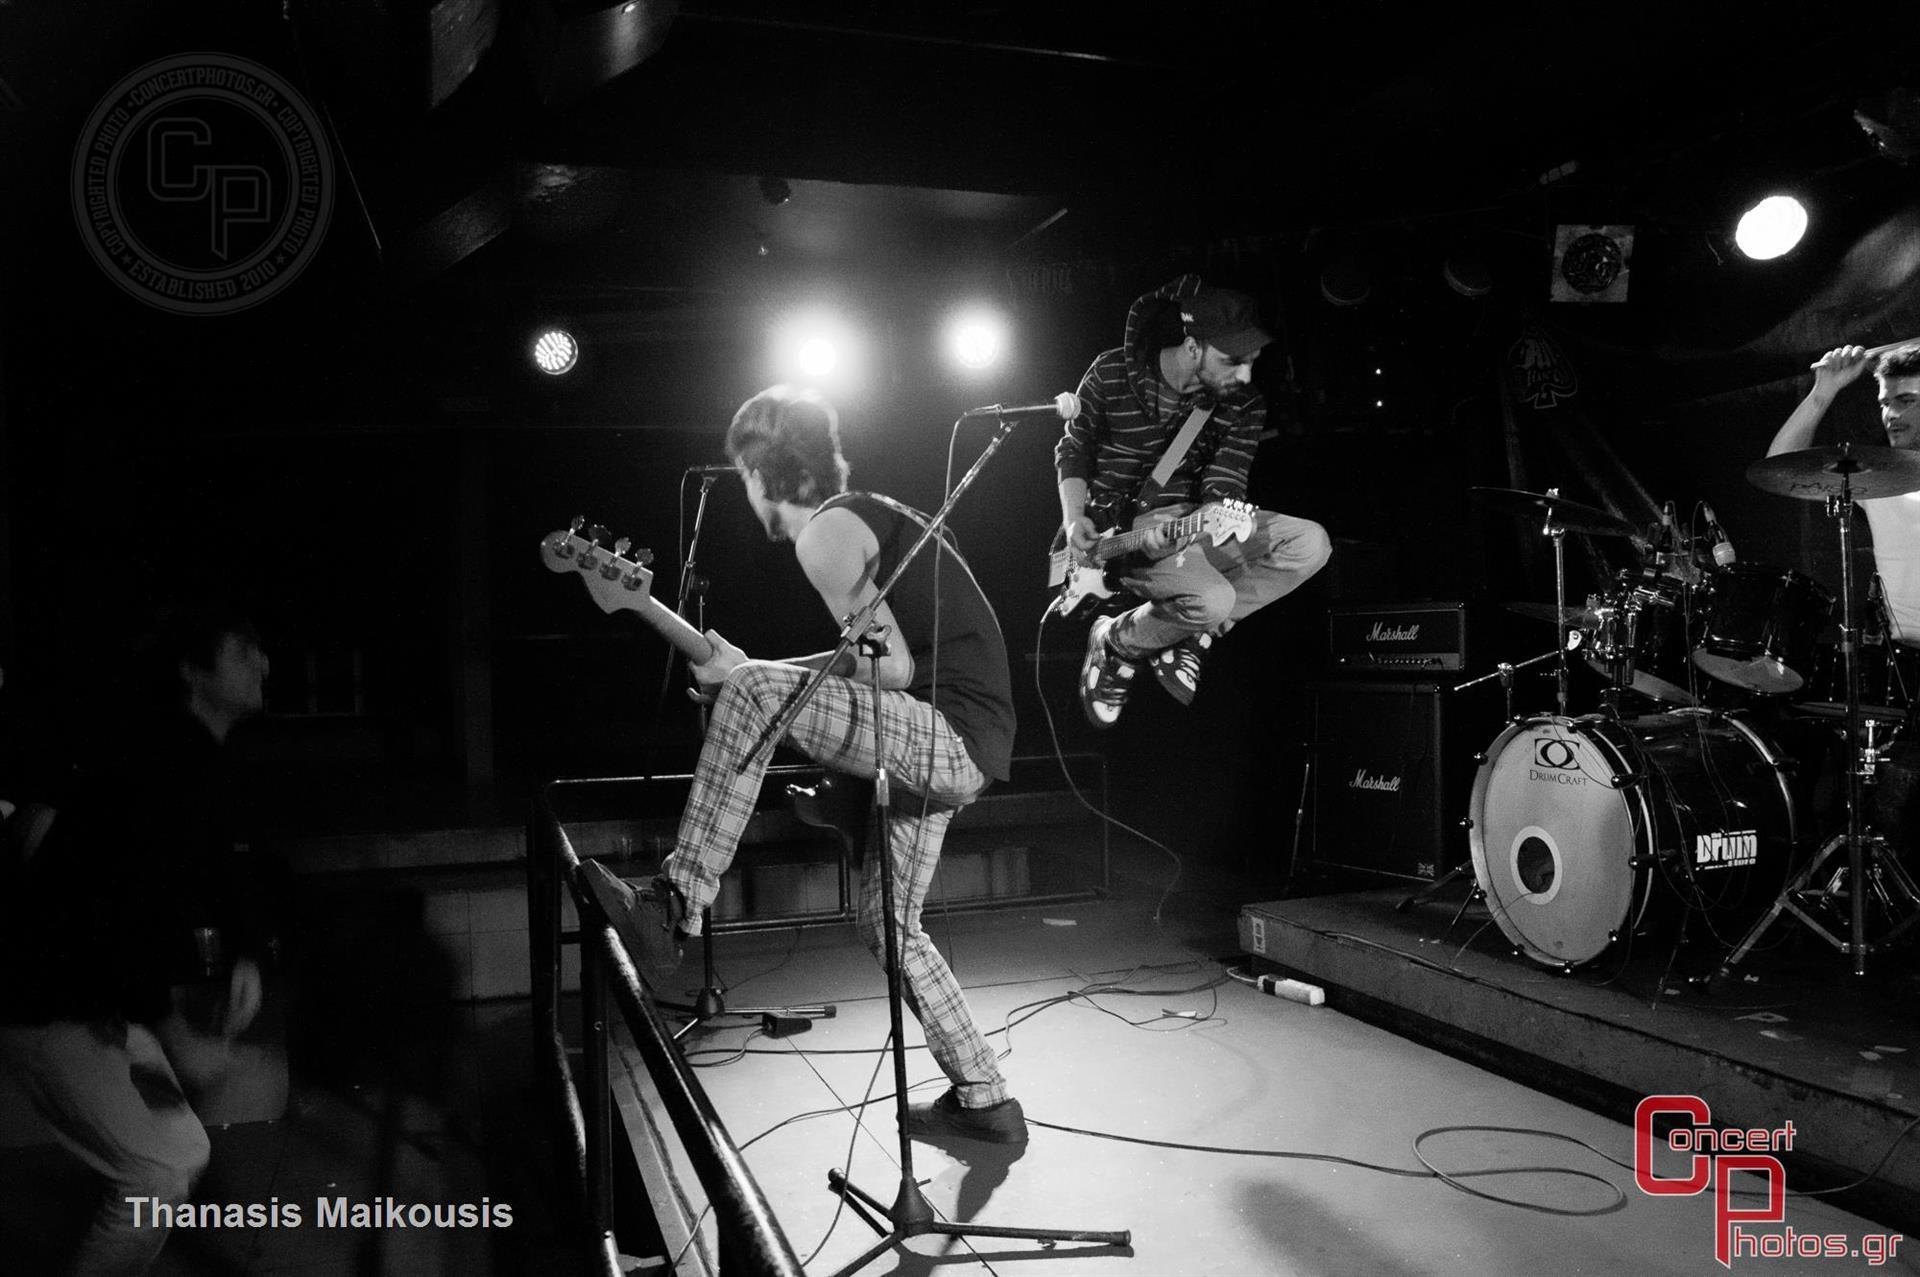 Battle Of The Bands Leg 5-Battle Of The Bands Leg 4 photographer: Thanasis Maikousis - ConcertPhotos - 20150315_2235_23